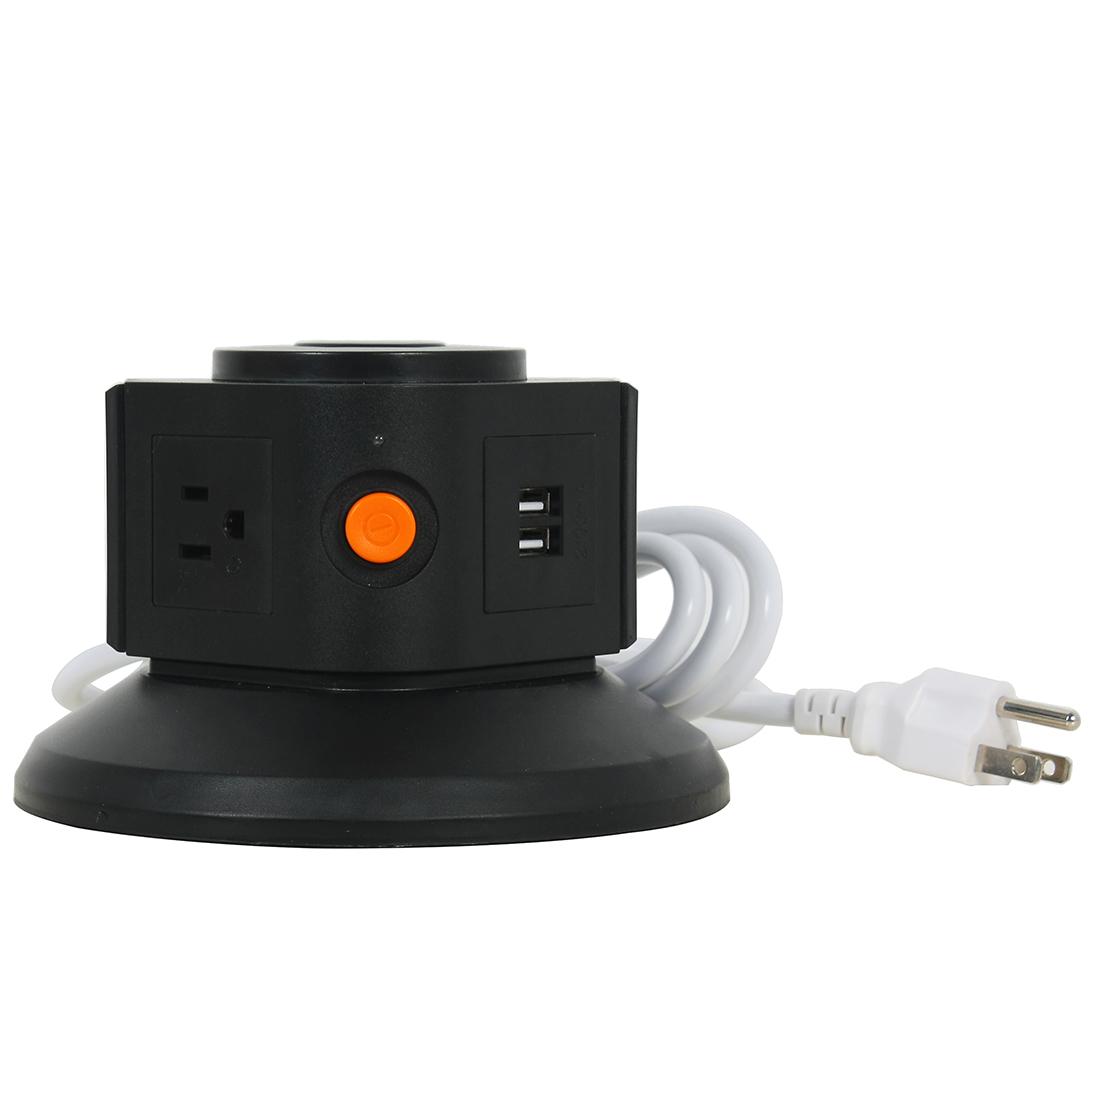 AC 110V US Plug Vertical Smart Socket 3 US Outlet 2 USB Ports 6 Ft Cable Black